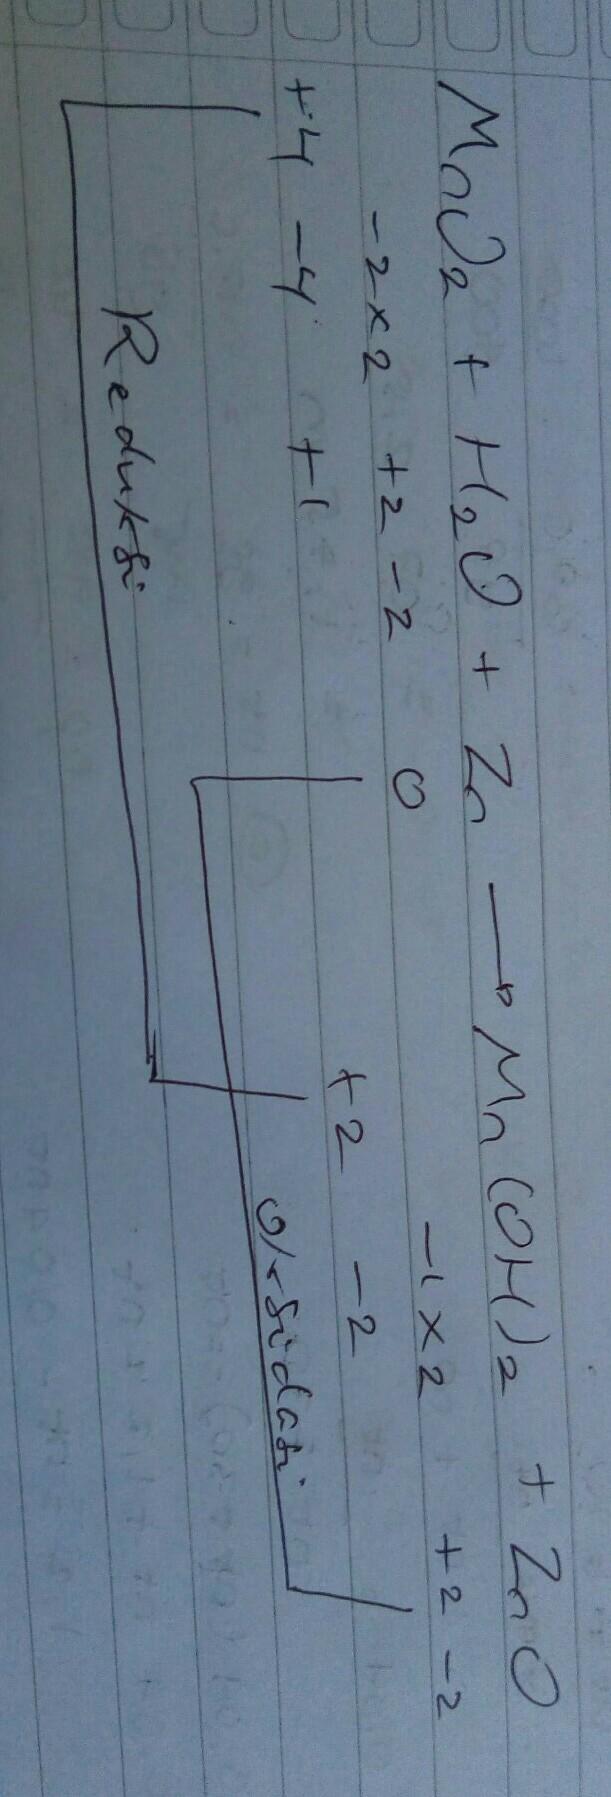 Mno2s H2ol Zns Gt Mnoh2s Znos Spesi Kimia Yang